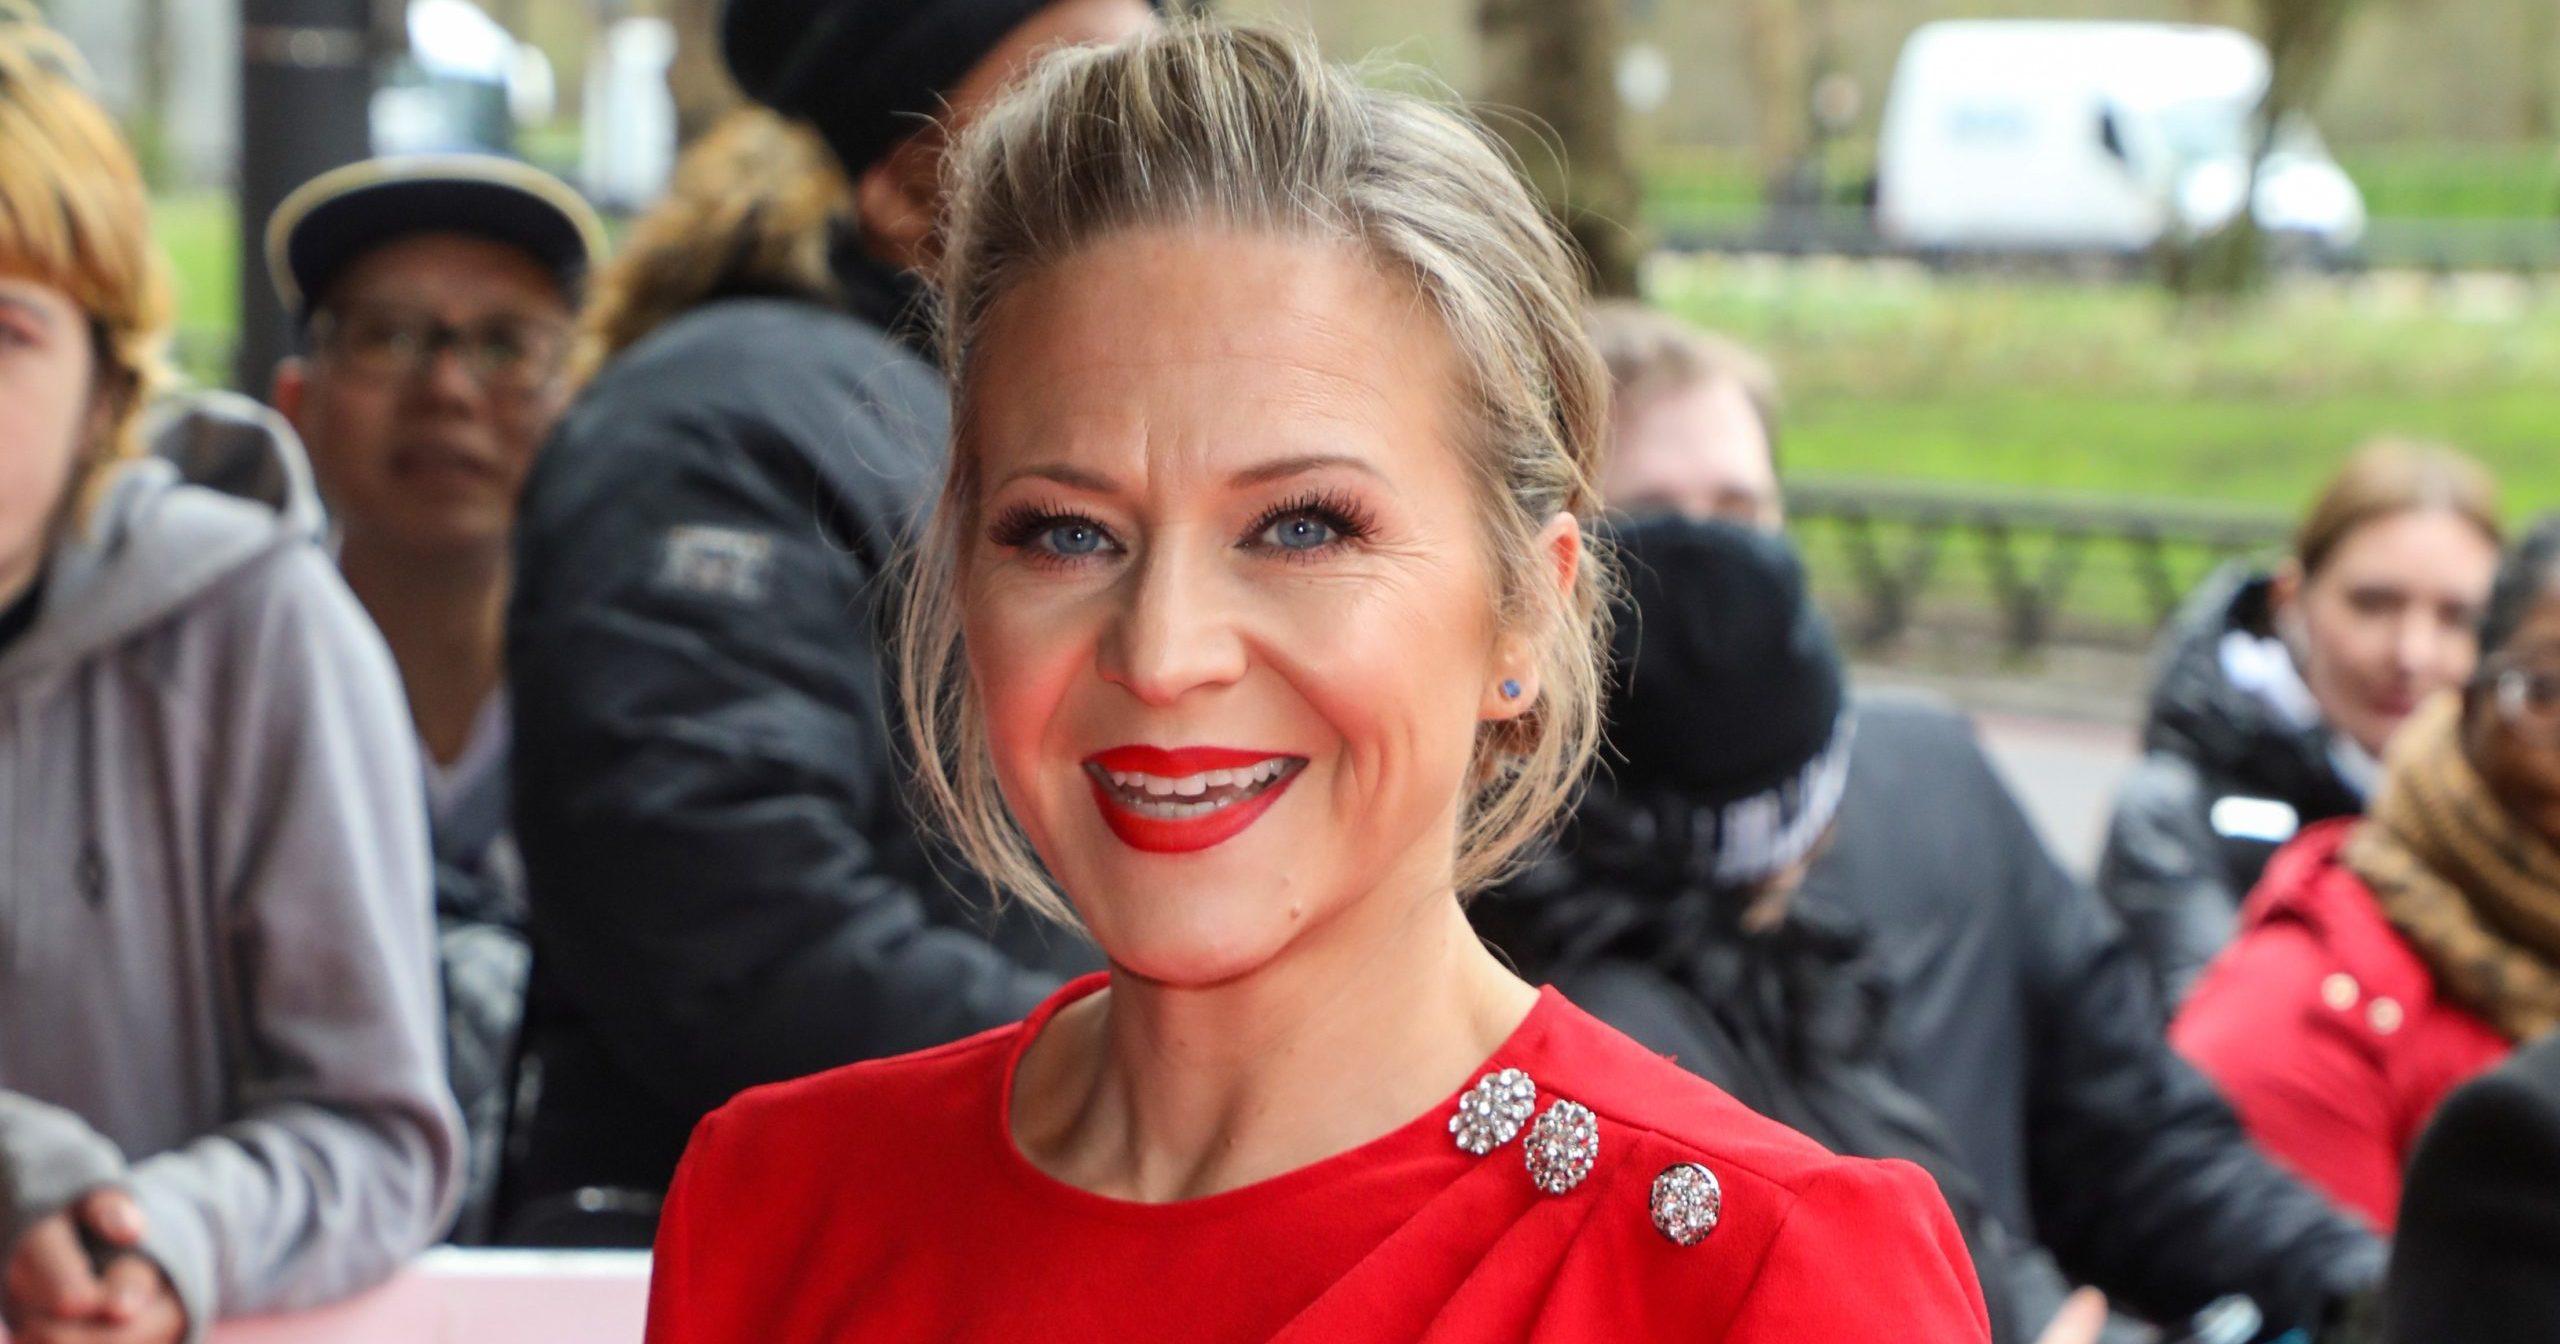 EastEnders' Kellie Bright reveals Linda Carter's Page 3 model past